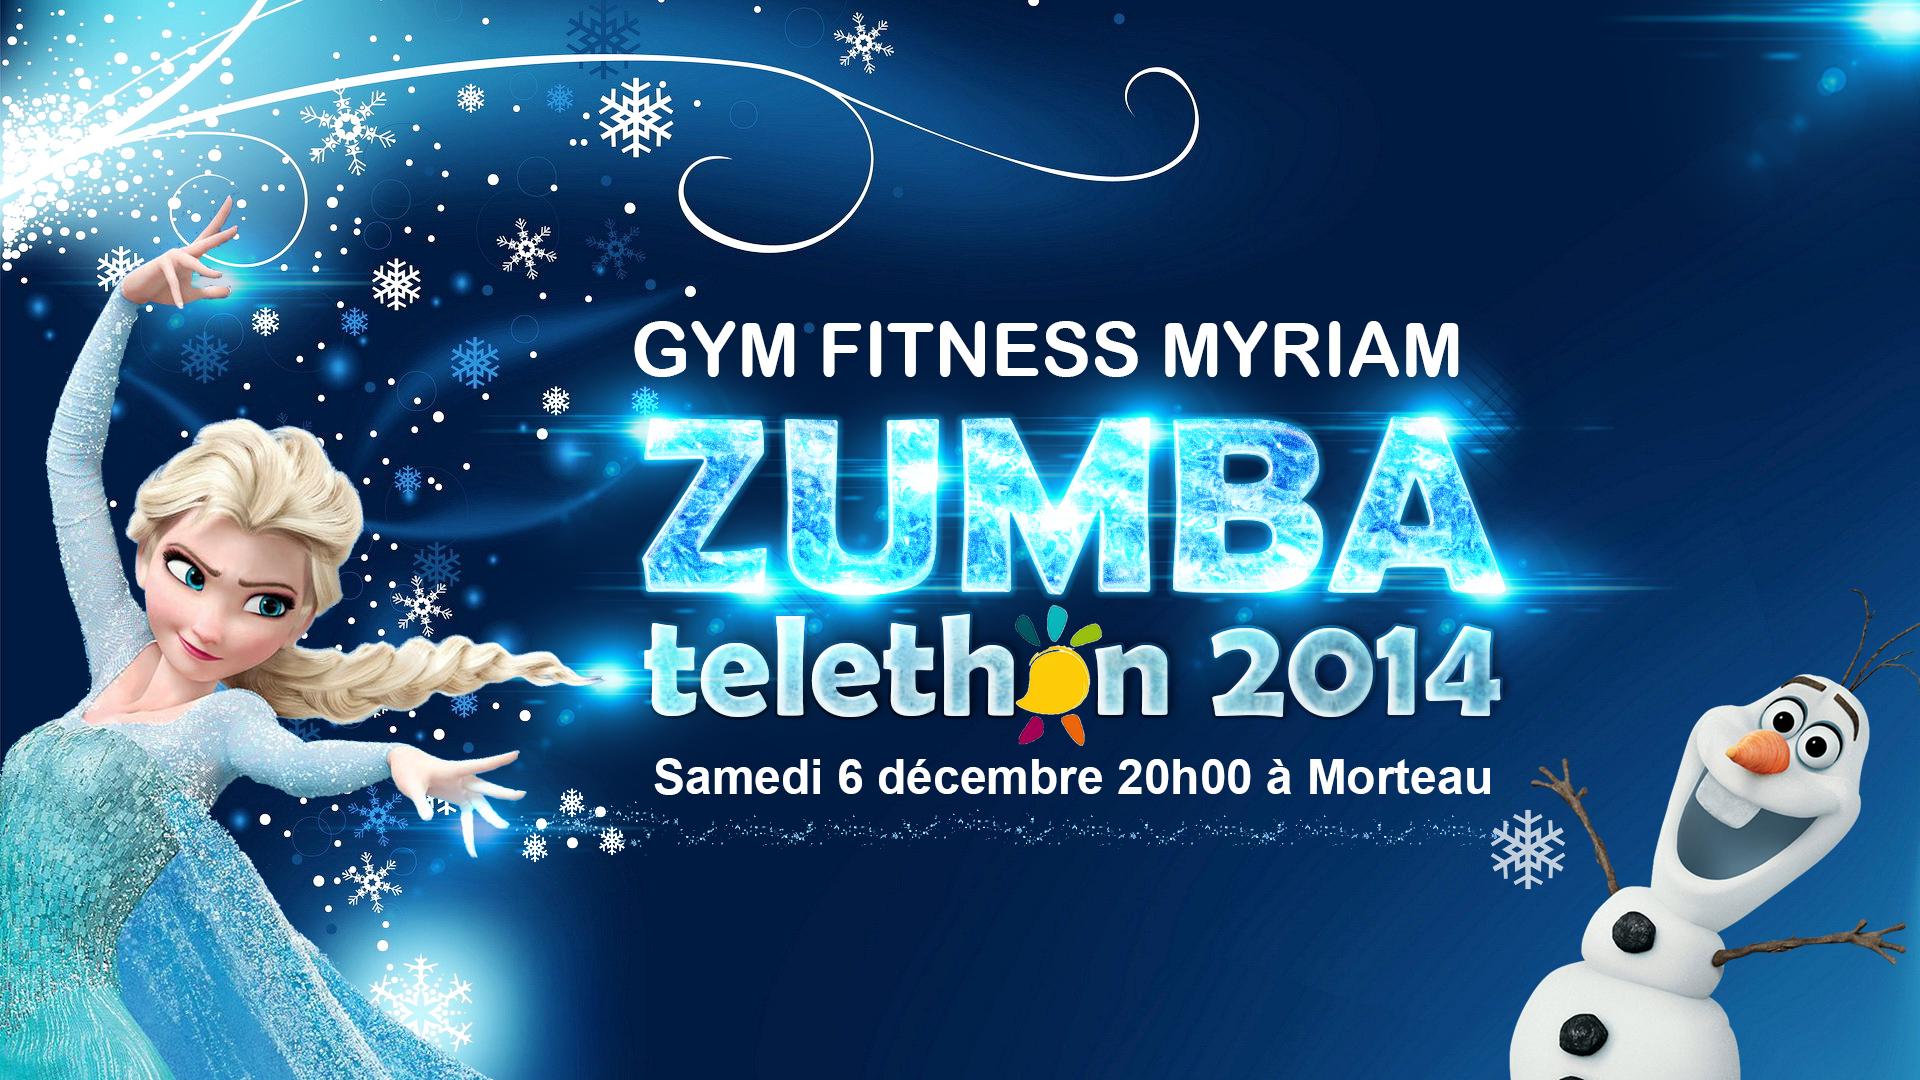 zumba-morteau-telethon-2014